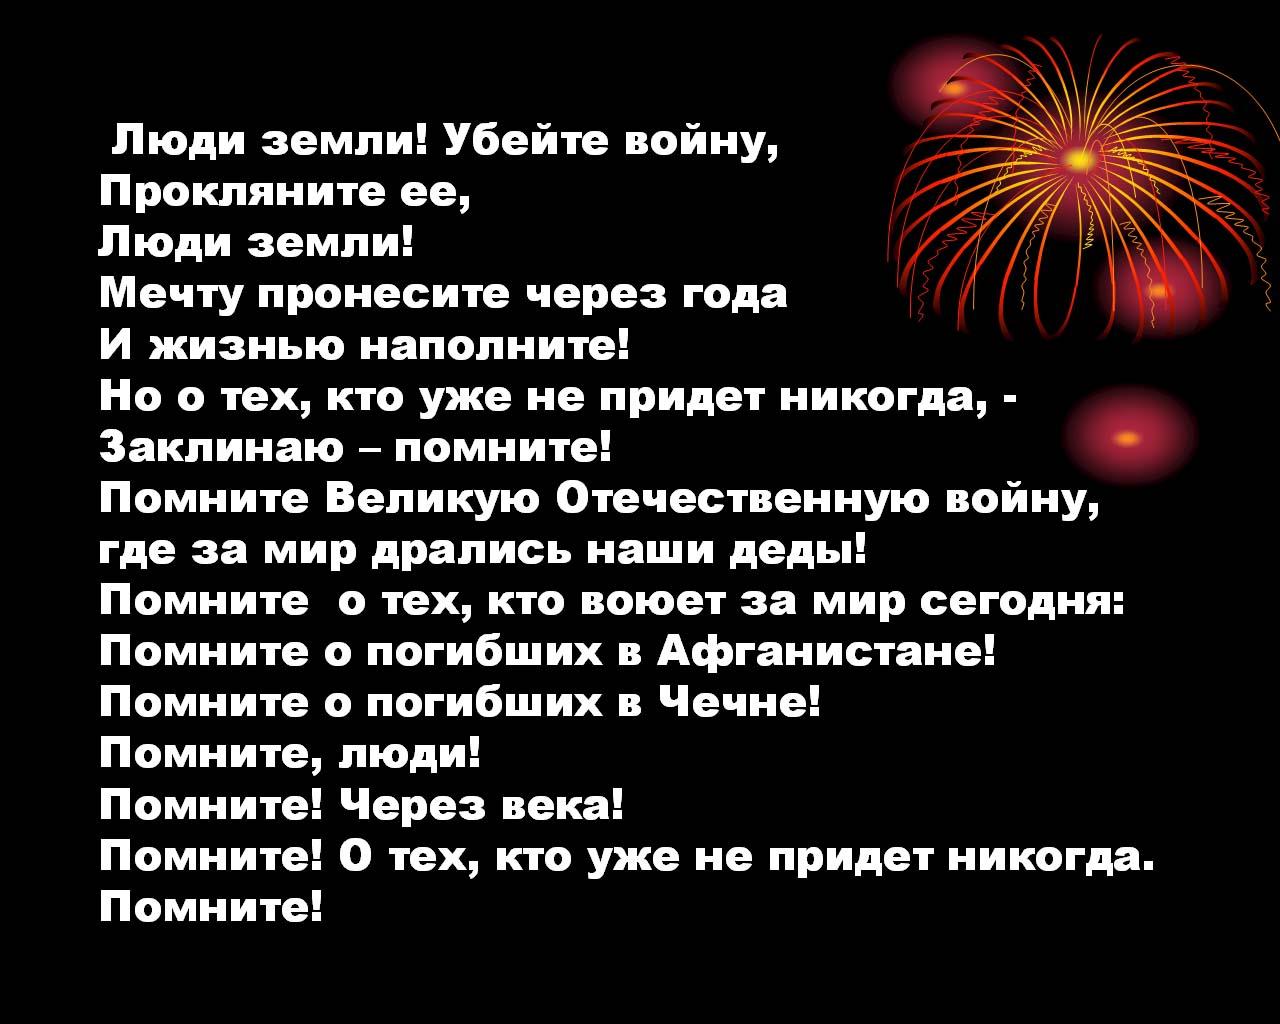 kuz_23